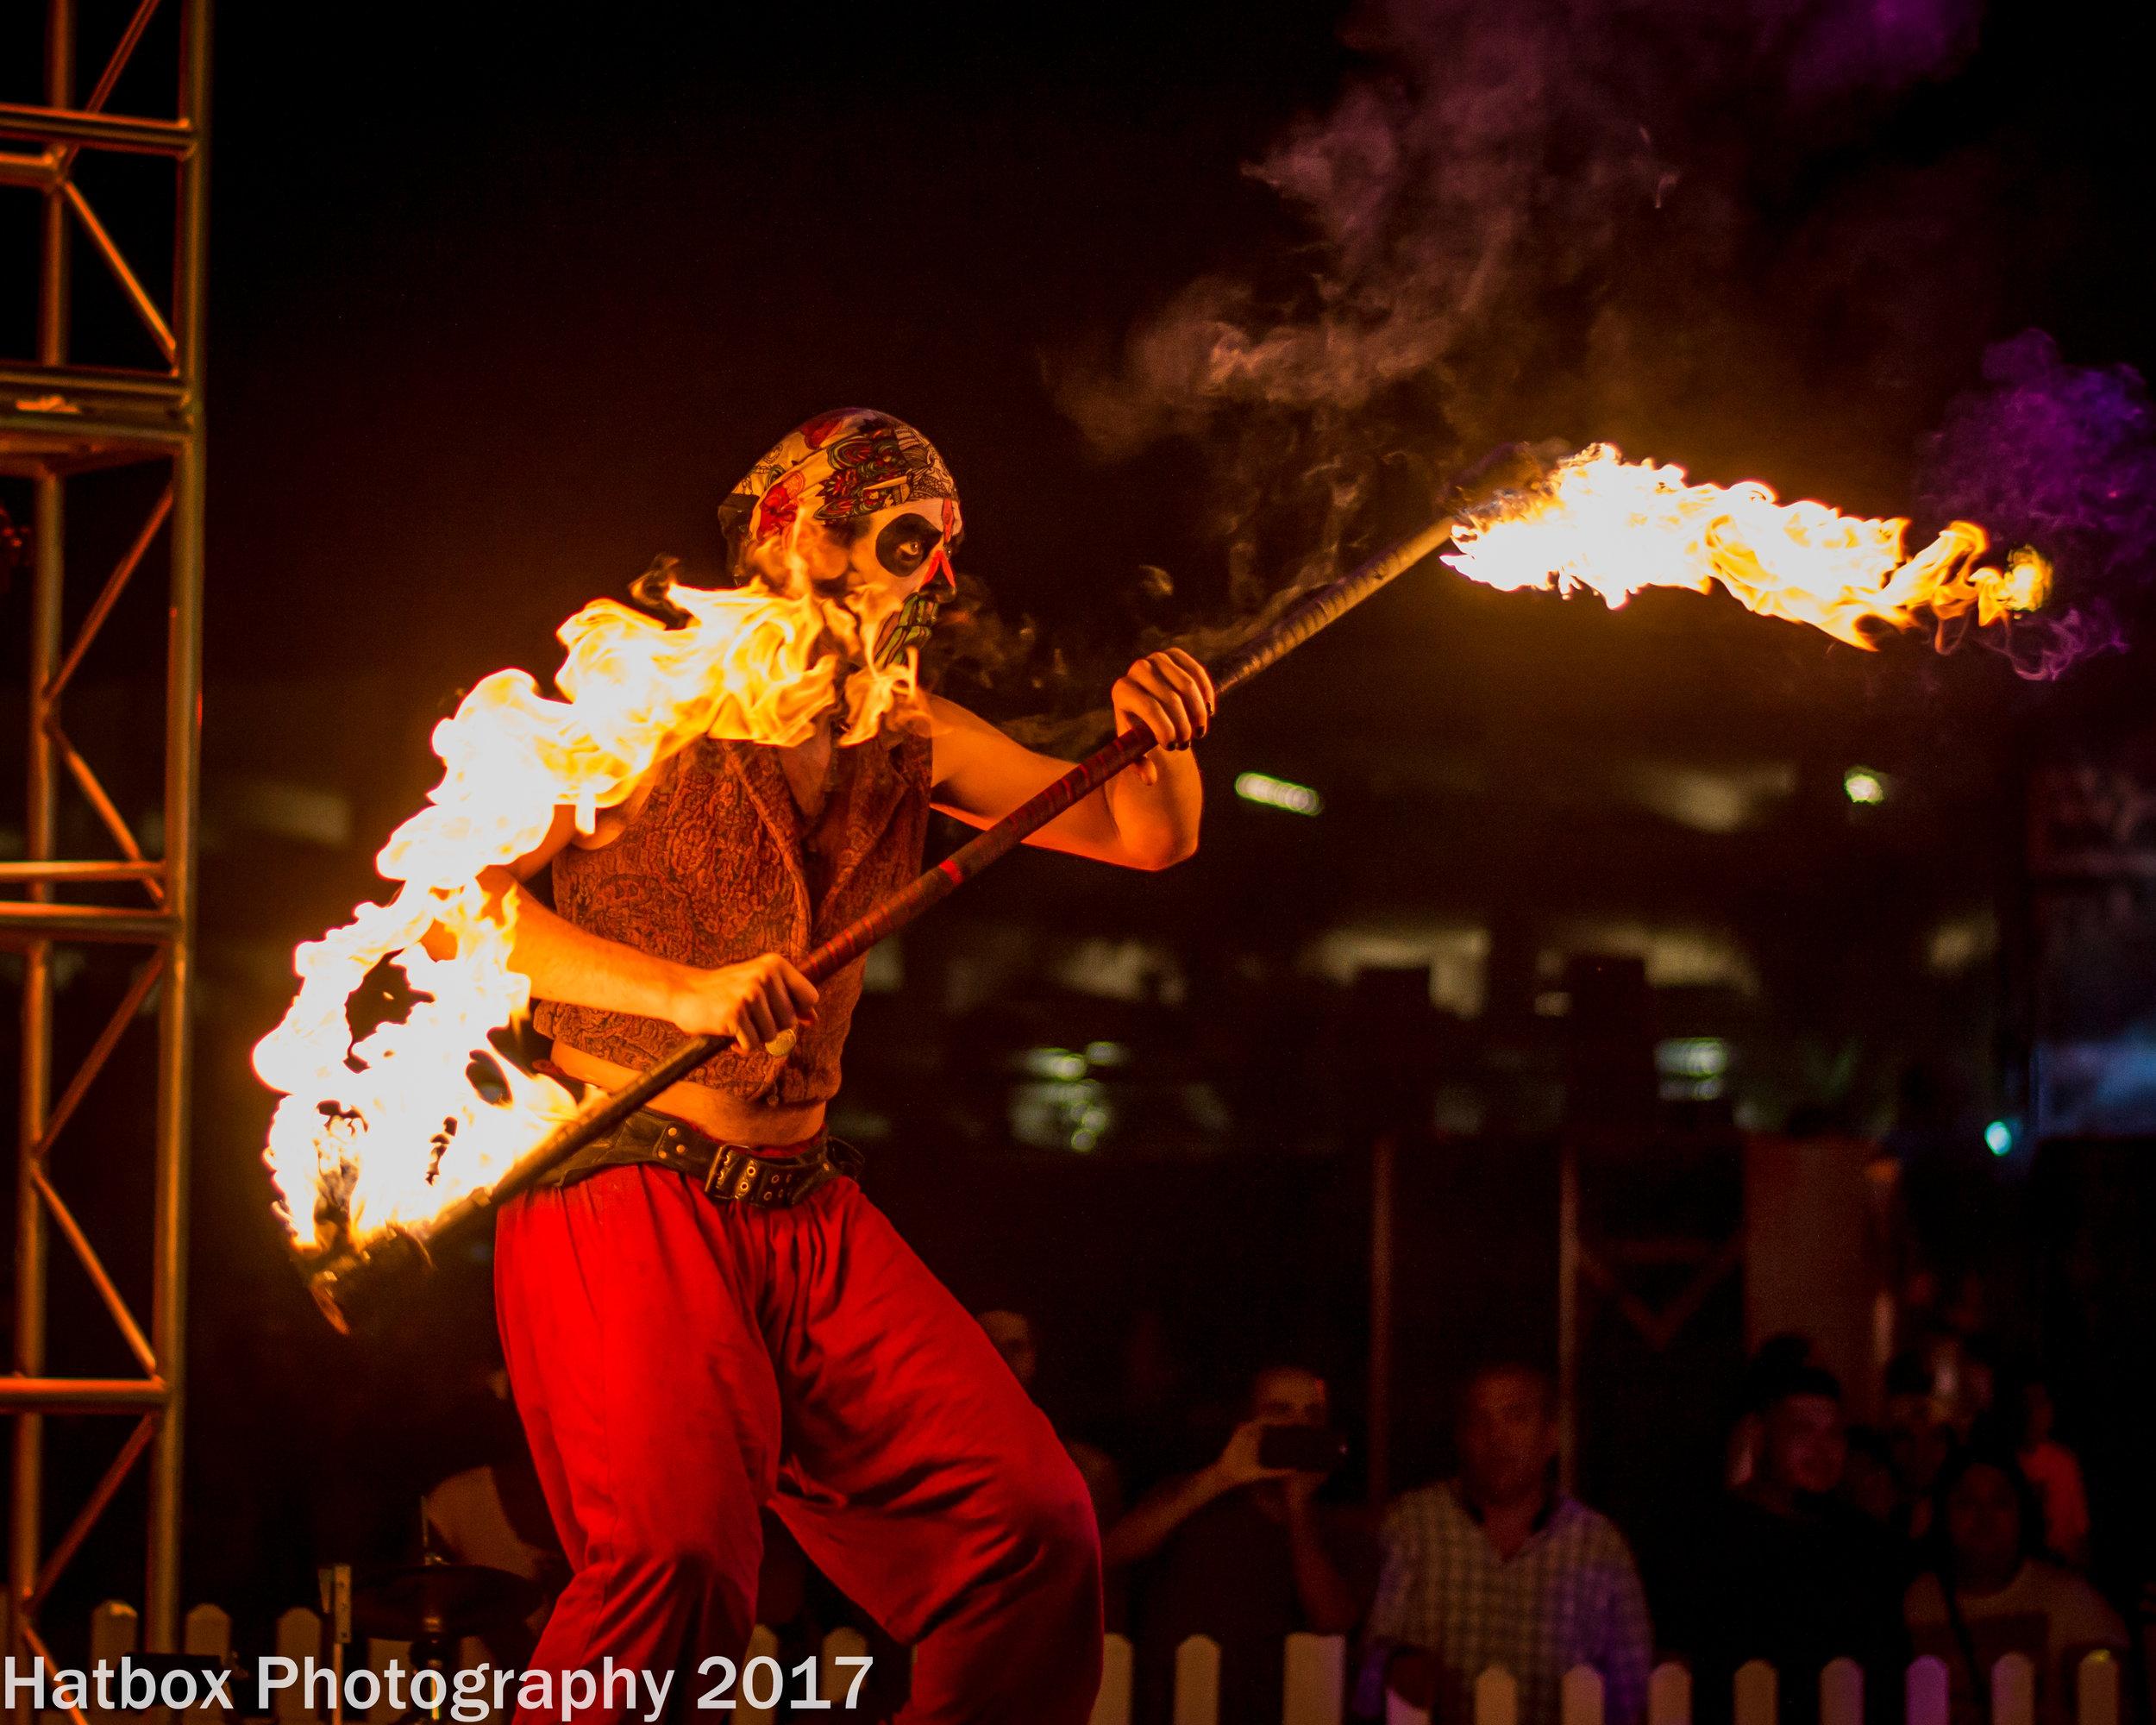 Fire-630.jpg